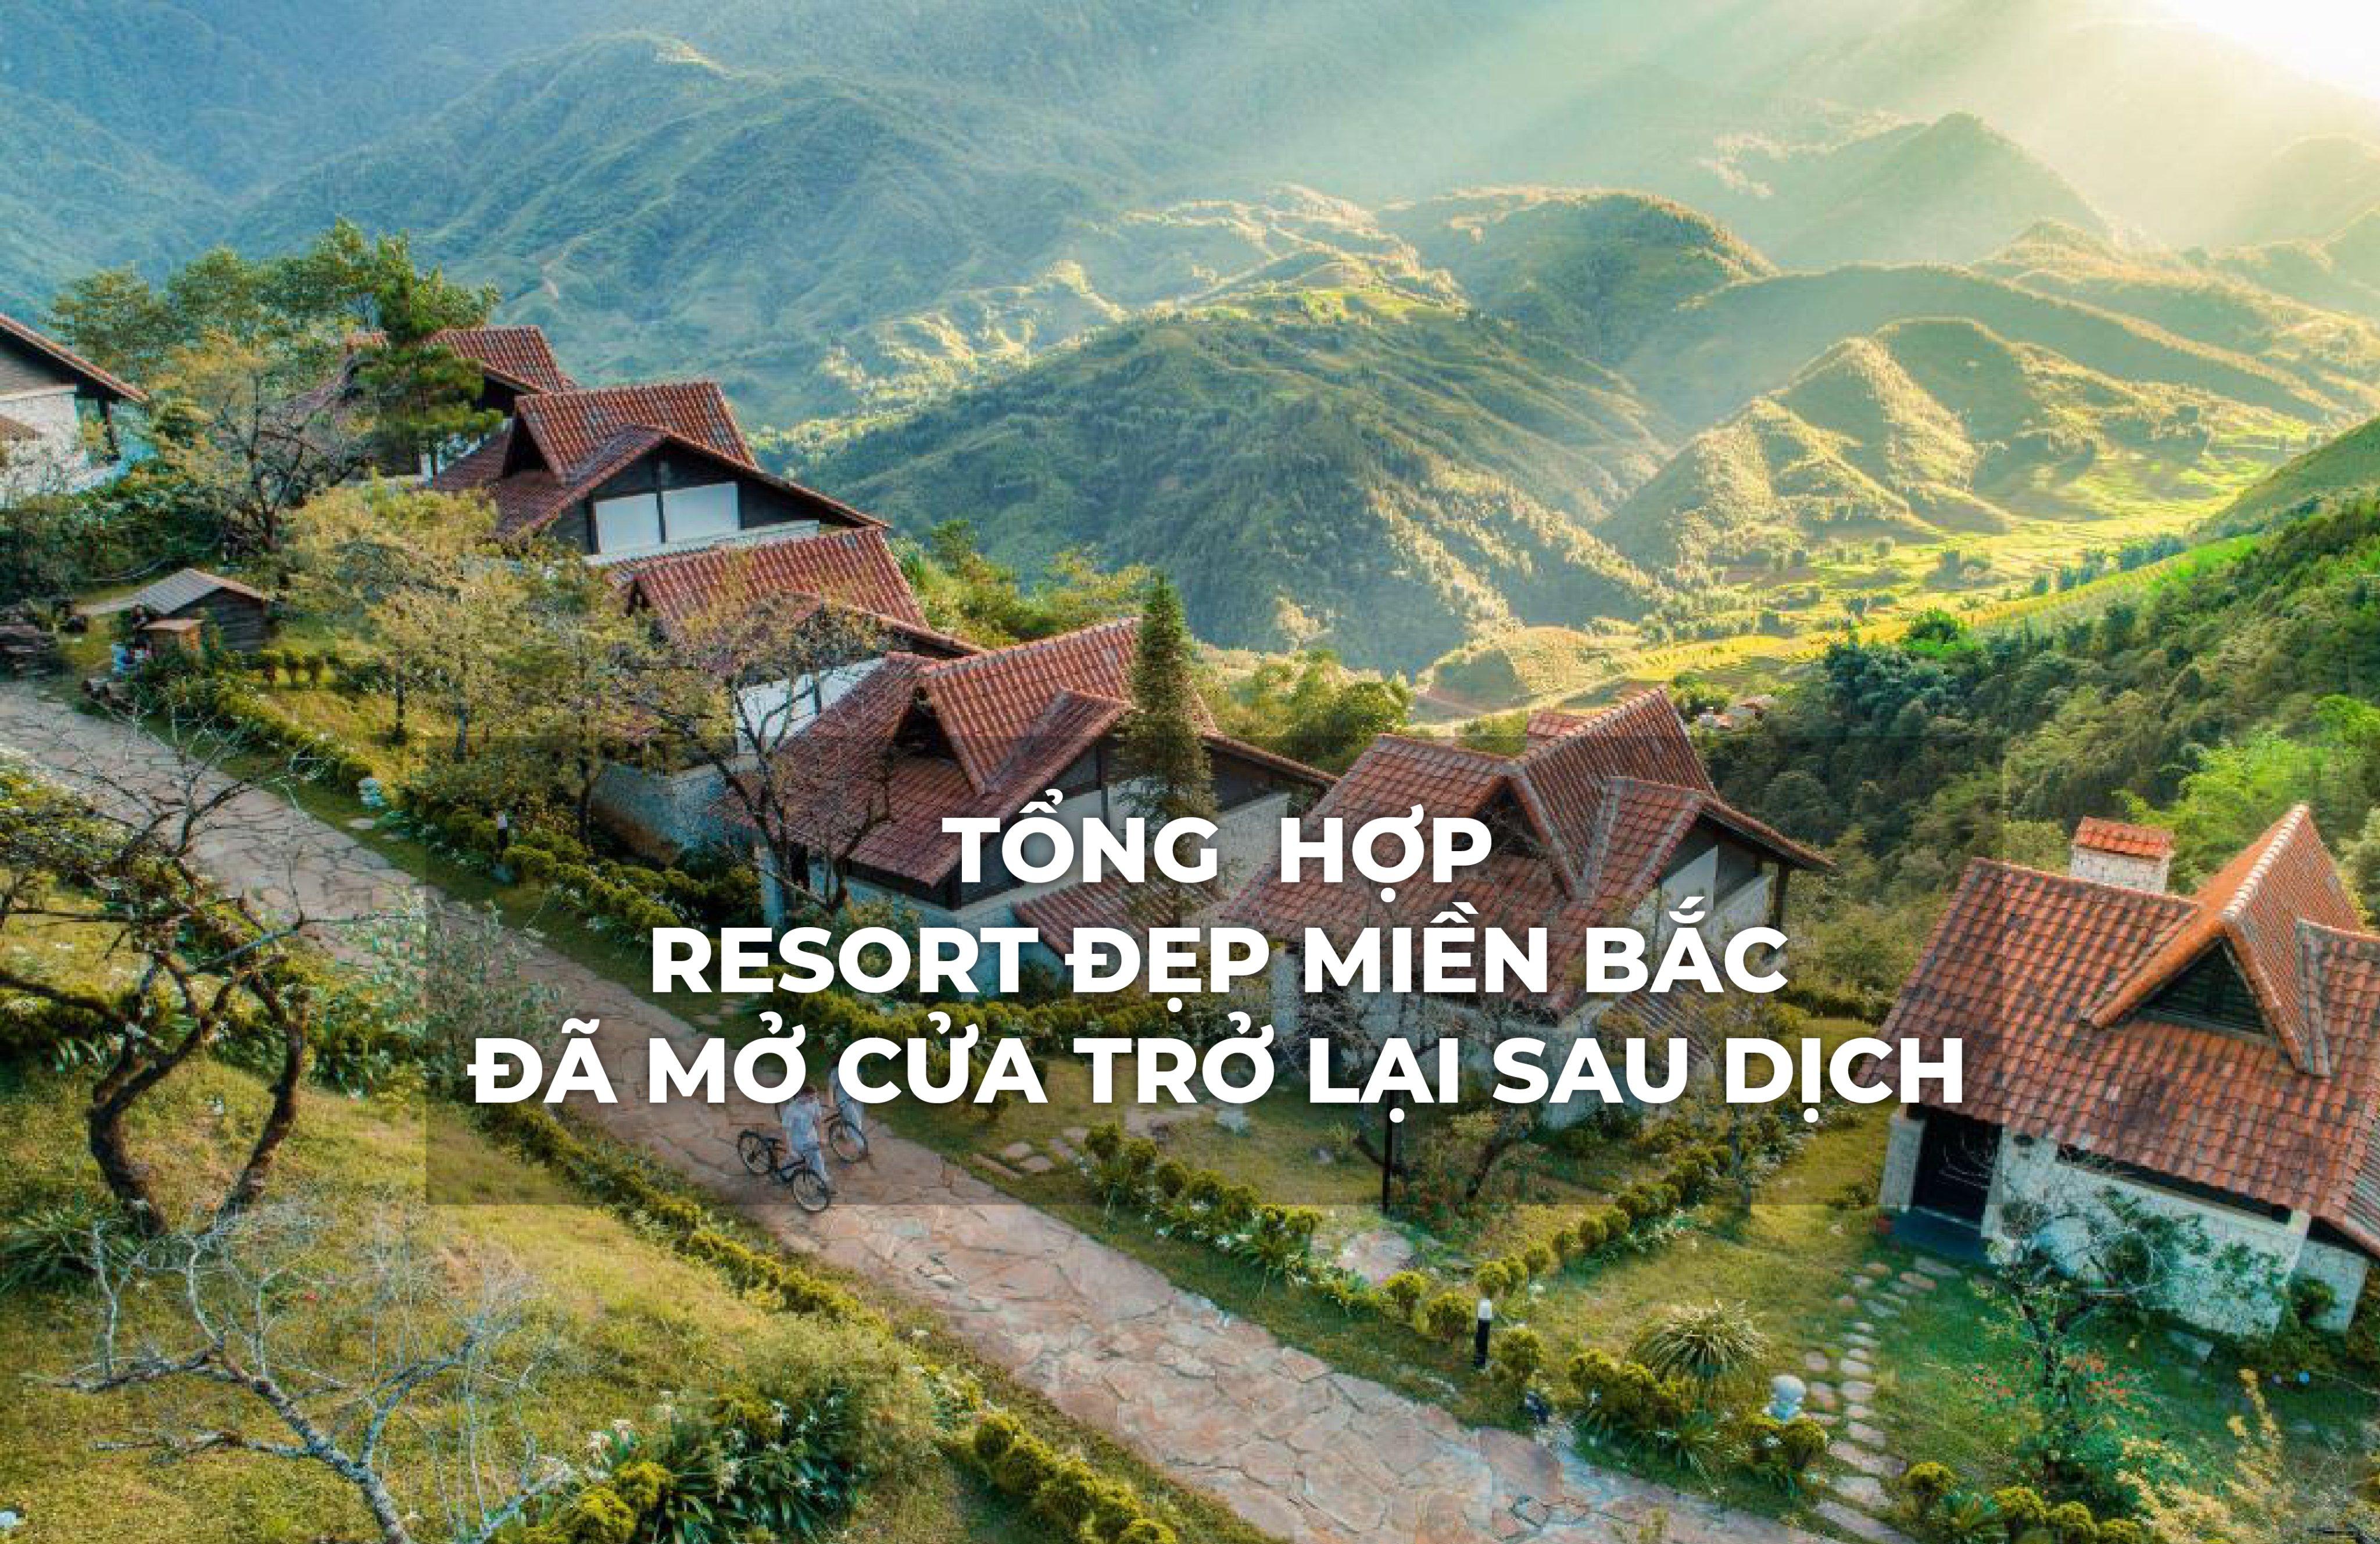 Tổng hợp resort đẹp Miền Bắc đã mở cửa trở lại sau dịch